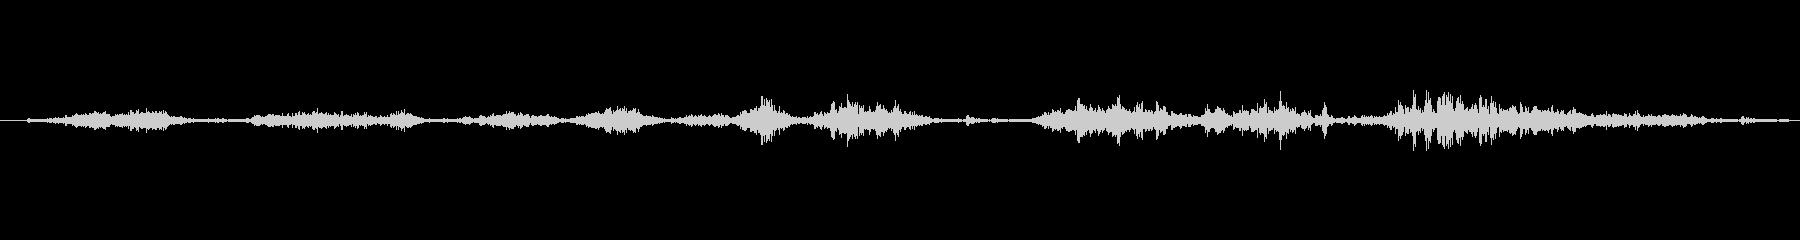 メタル 02 スクレープロング03の未再生の波形